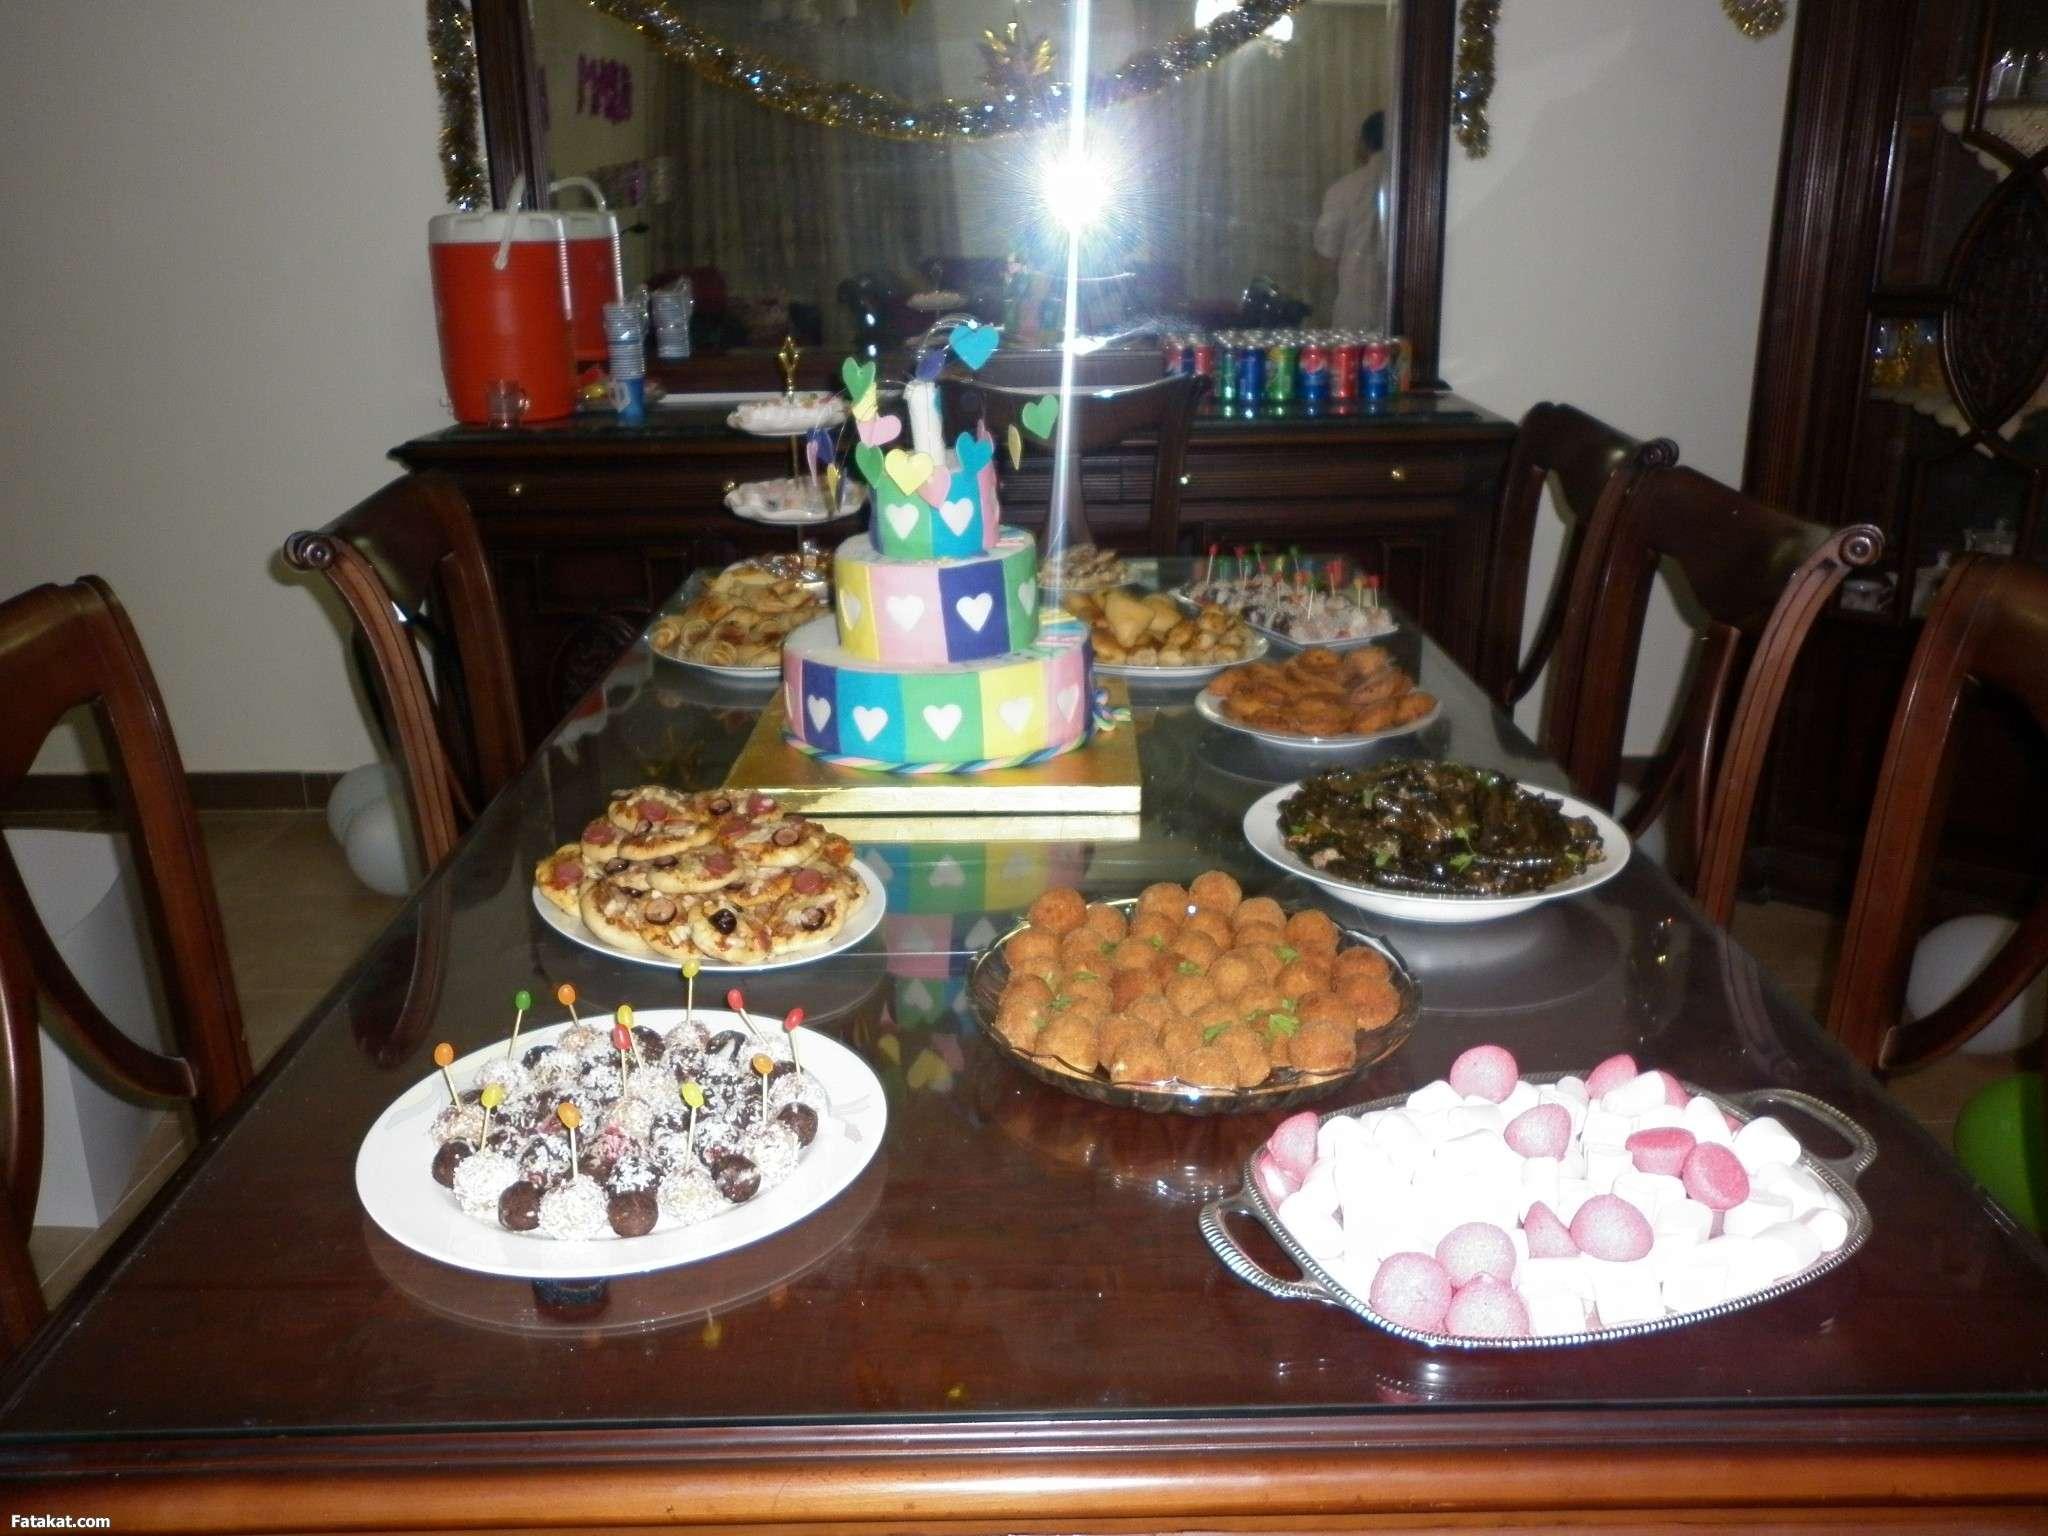 بالصور عيد ميلاد سعيد , صور جميلة لاعياد الميلاد وزينتها 2658 8